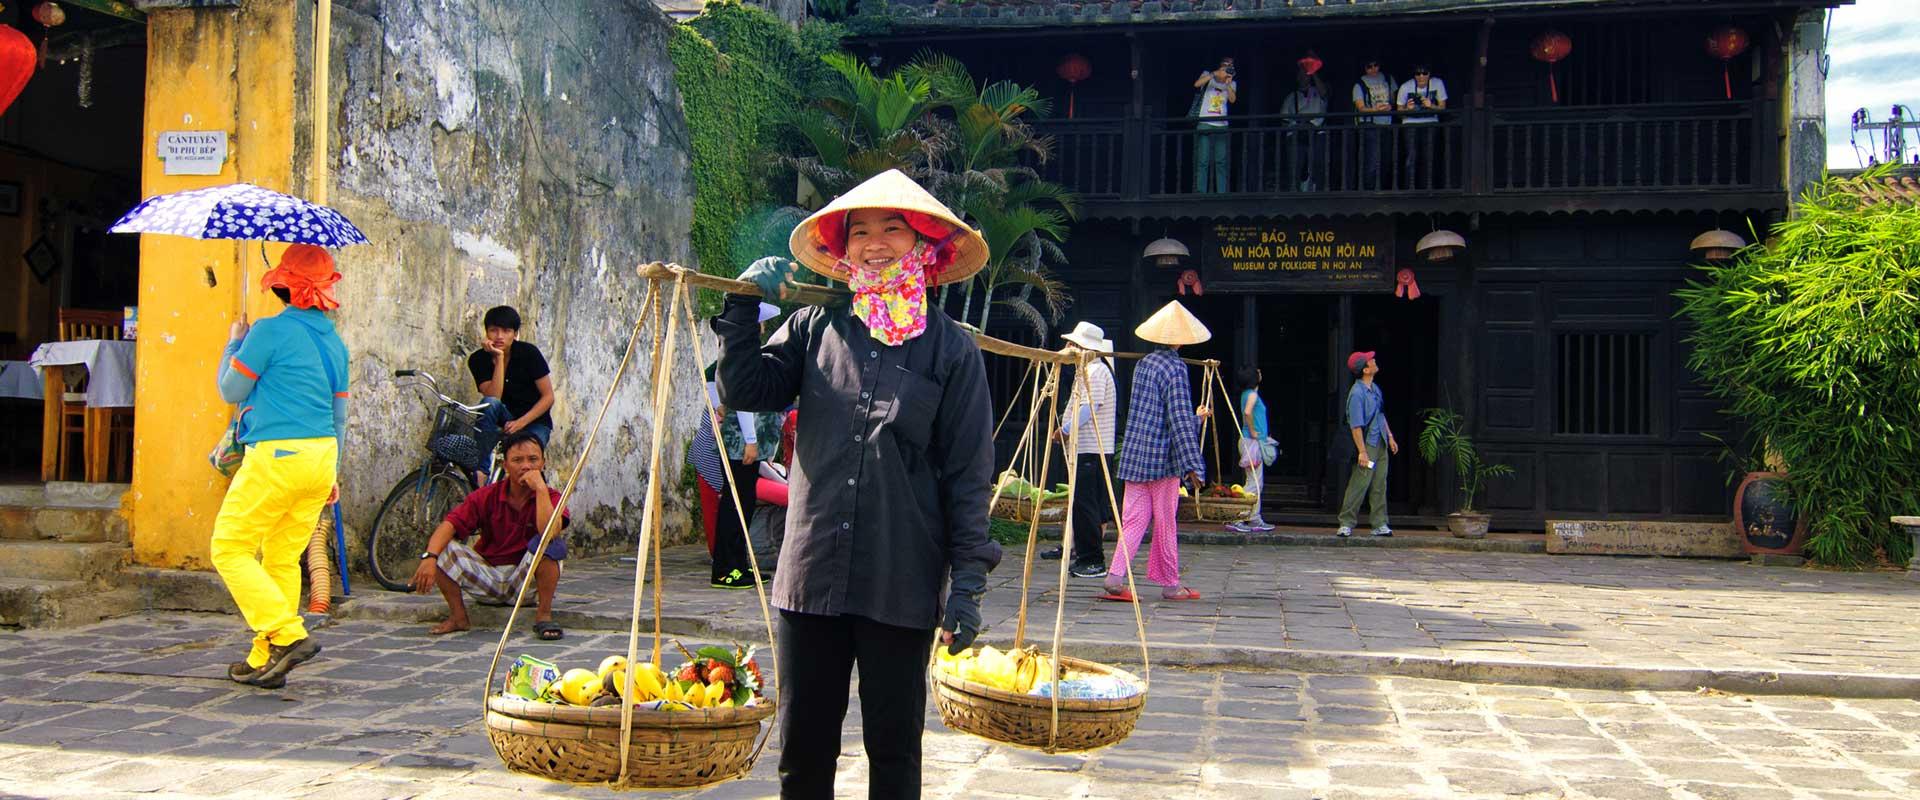 Hoi An femme vendant des fruits Vietnam